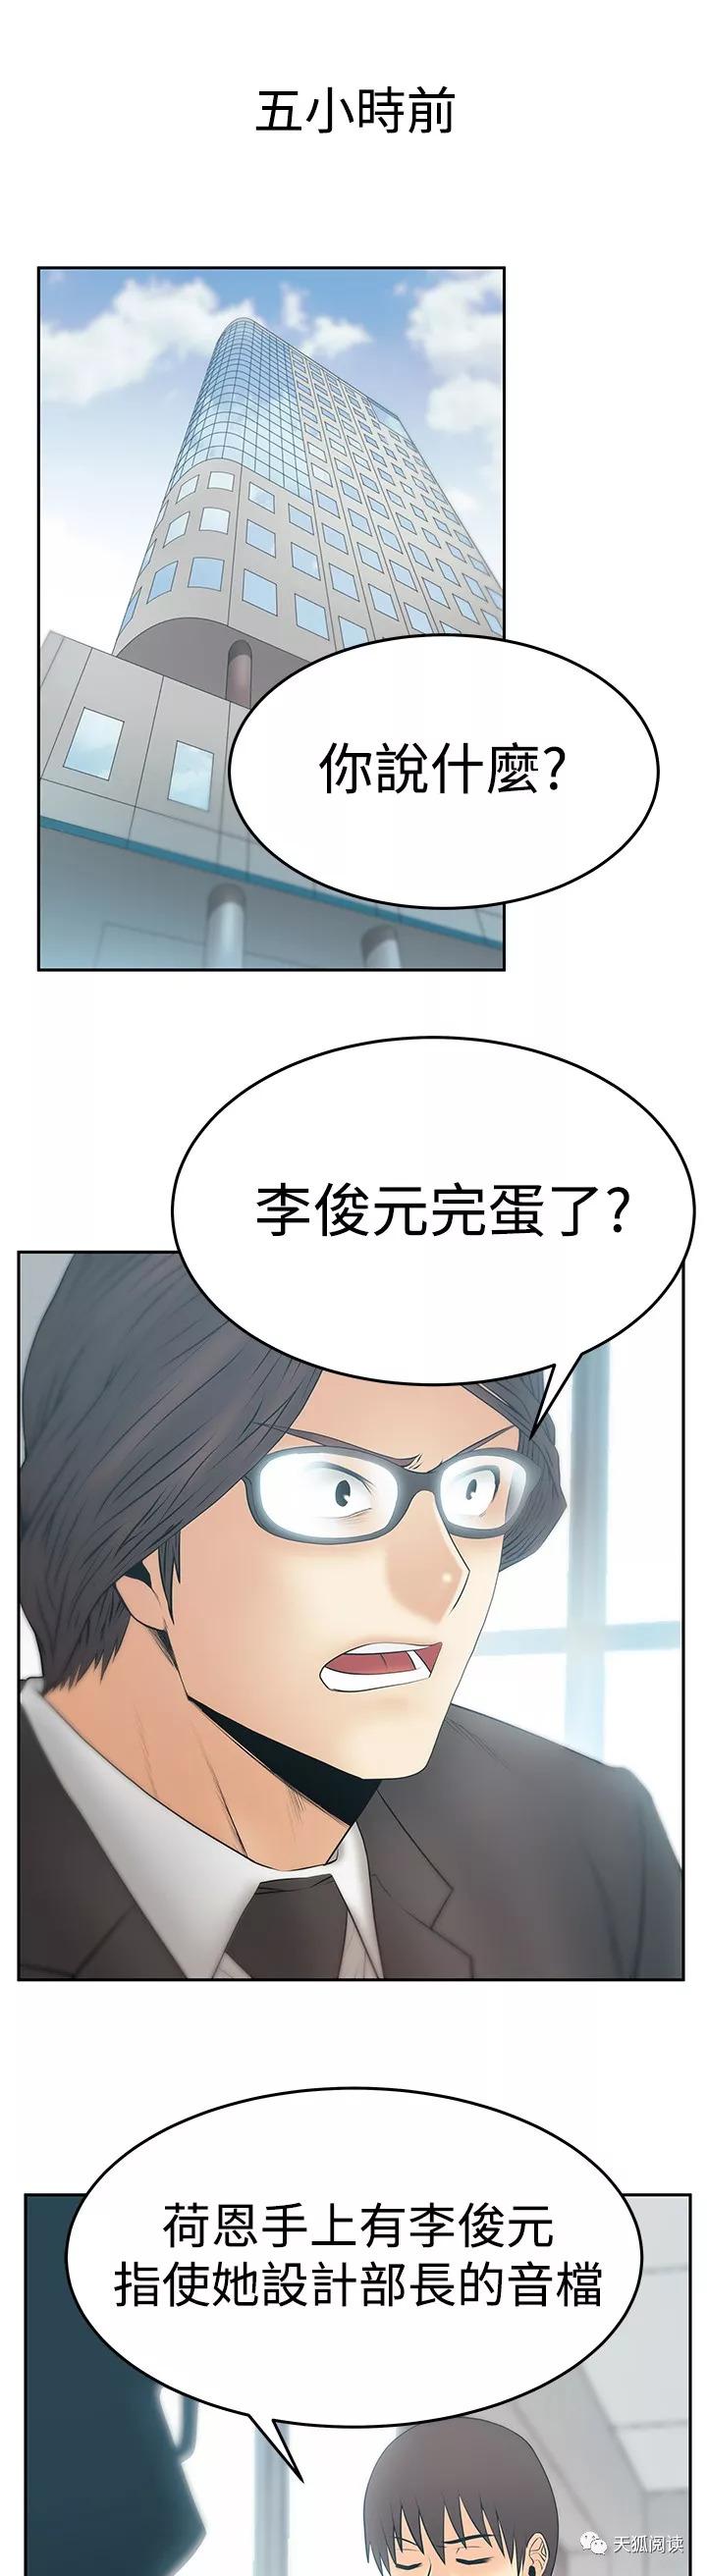 恋爱漫画:实习小职员 第127-129话 -天狐阅读